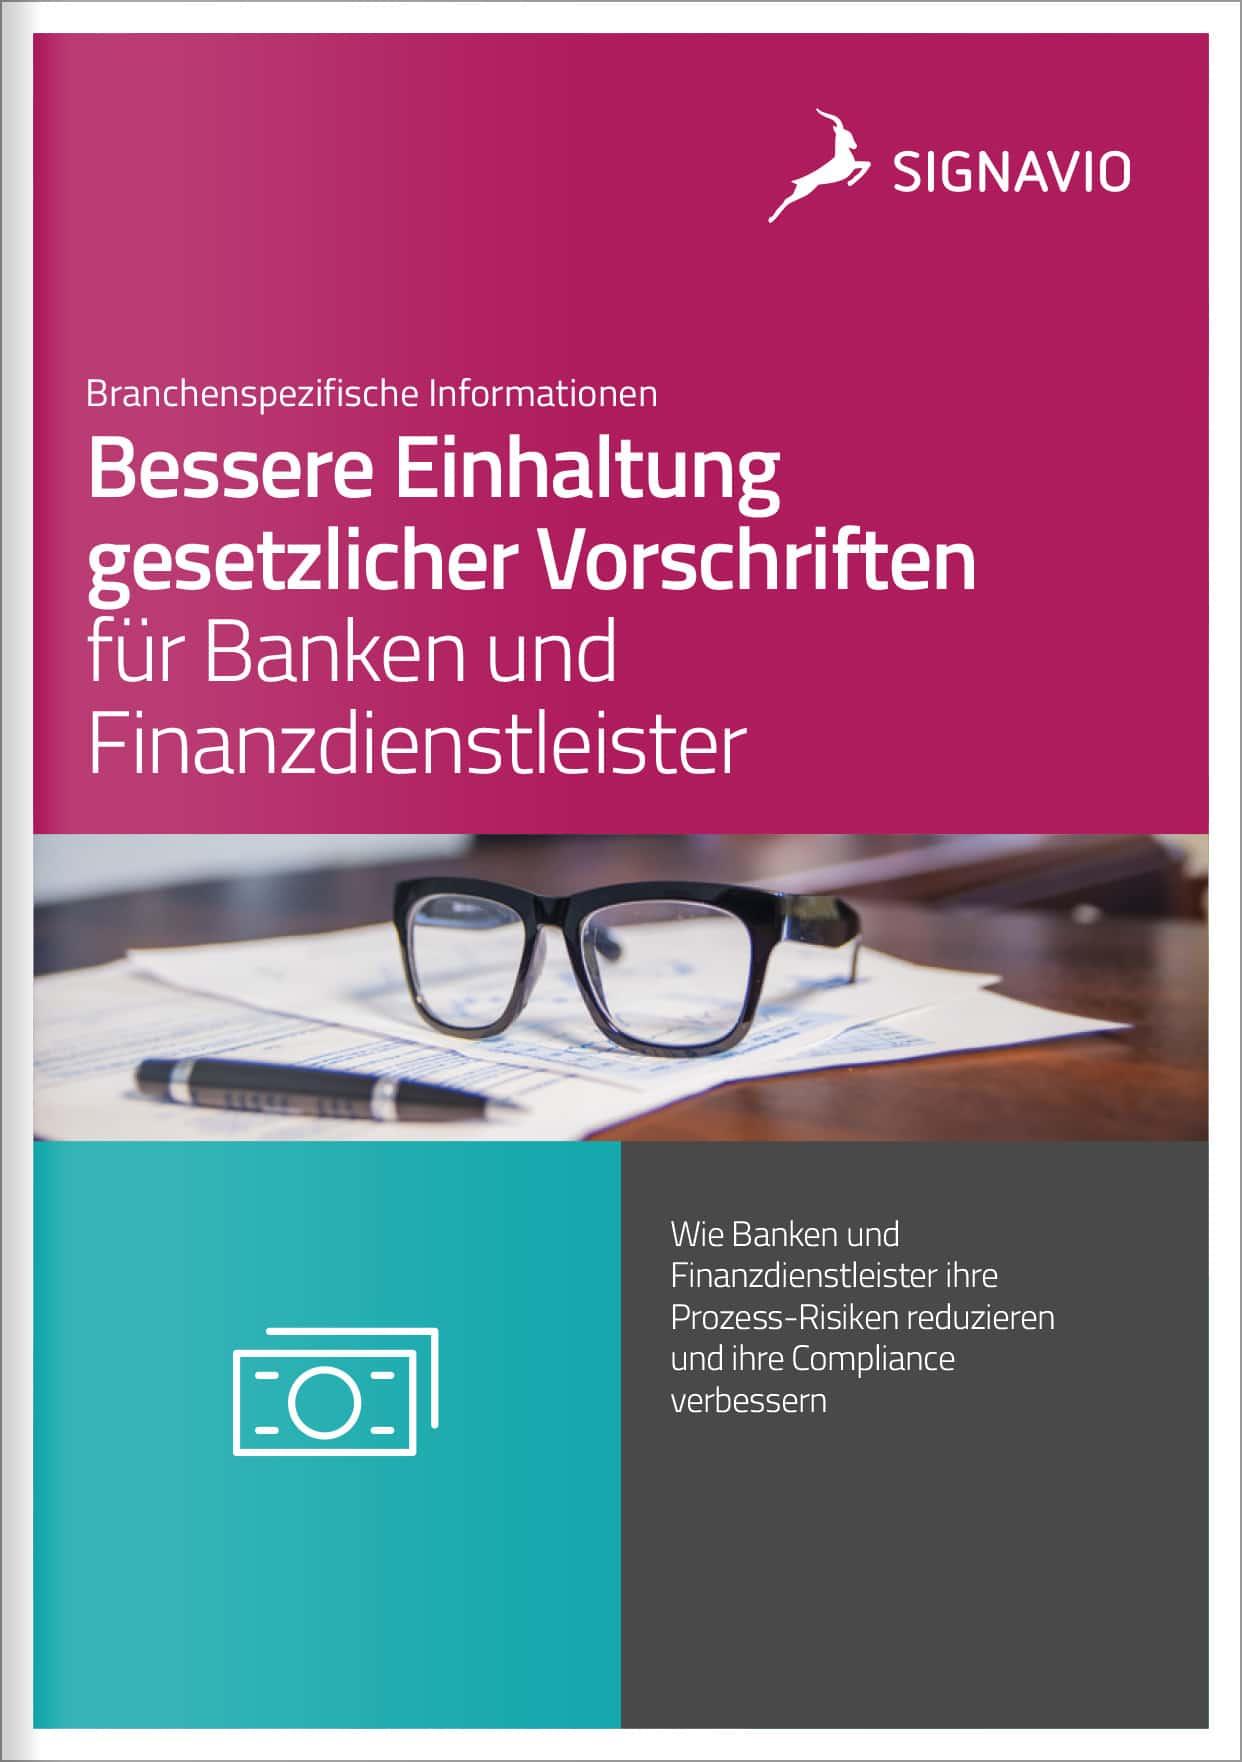 Titelbild_ bessere Einhaltung gesdetzlicher Vorschriften für Banken und Finanzdienstleister_Brille und Stift auf Papier